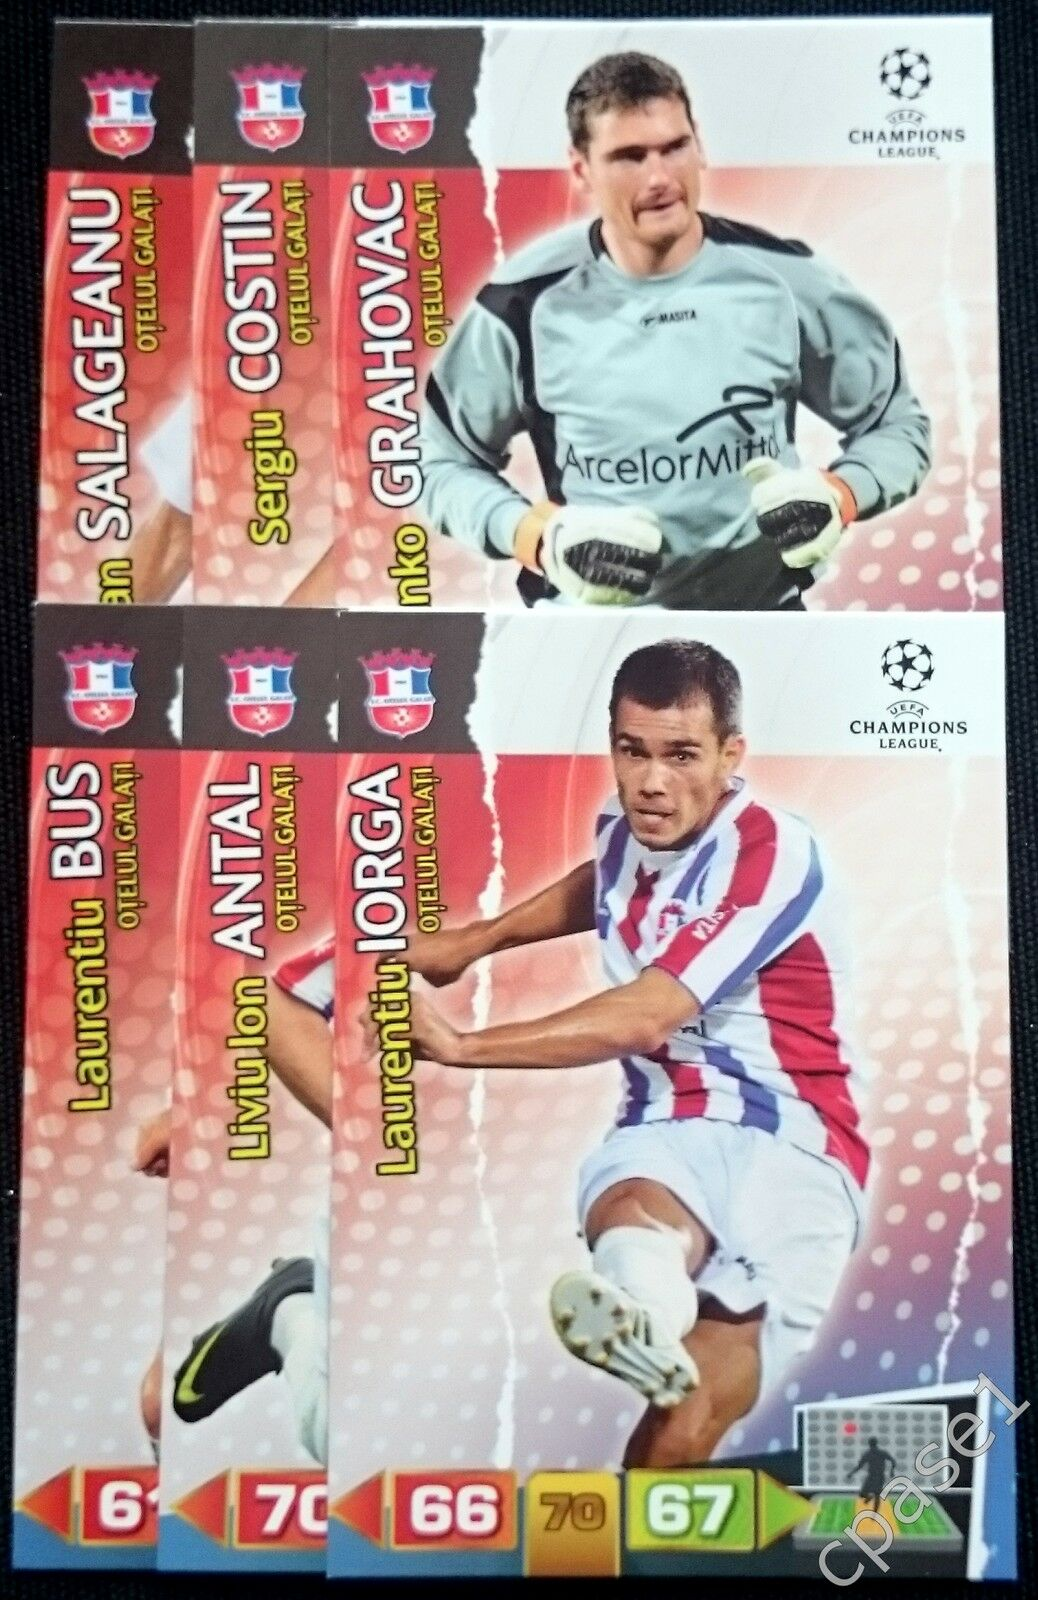 8 Panini Adrenalyn Xl campeón de la Liga 2011//12 Tarjetas de jugador de equipo Shakhtar Donetsk